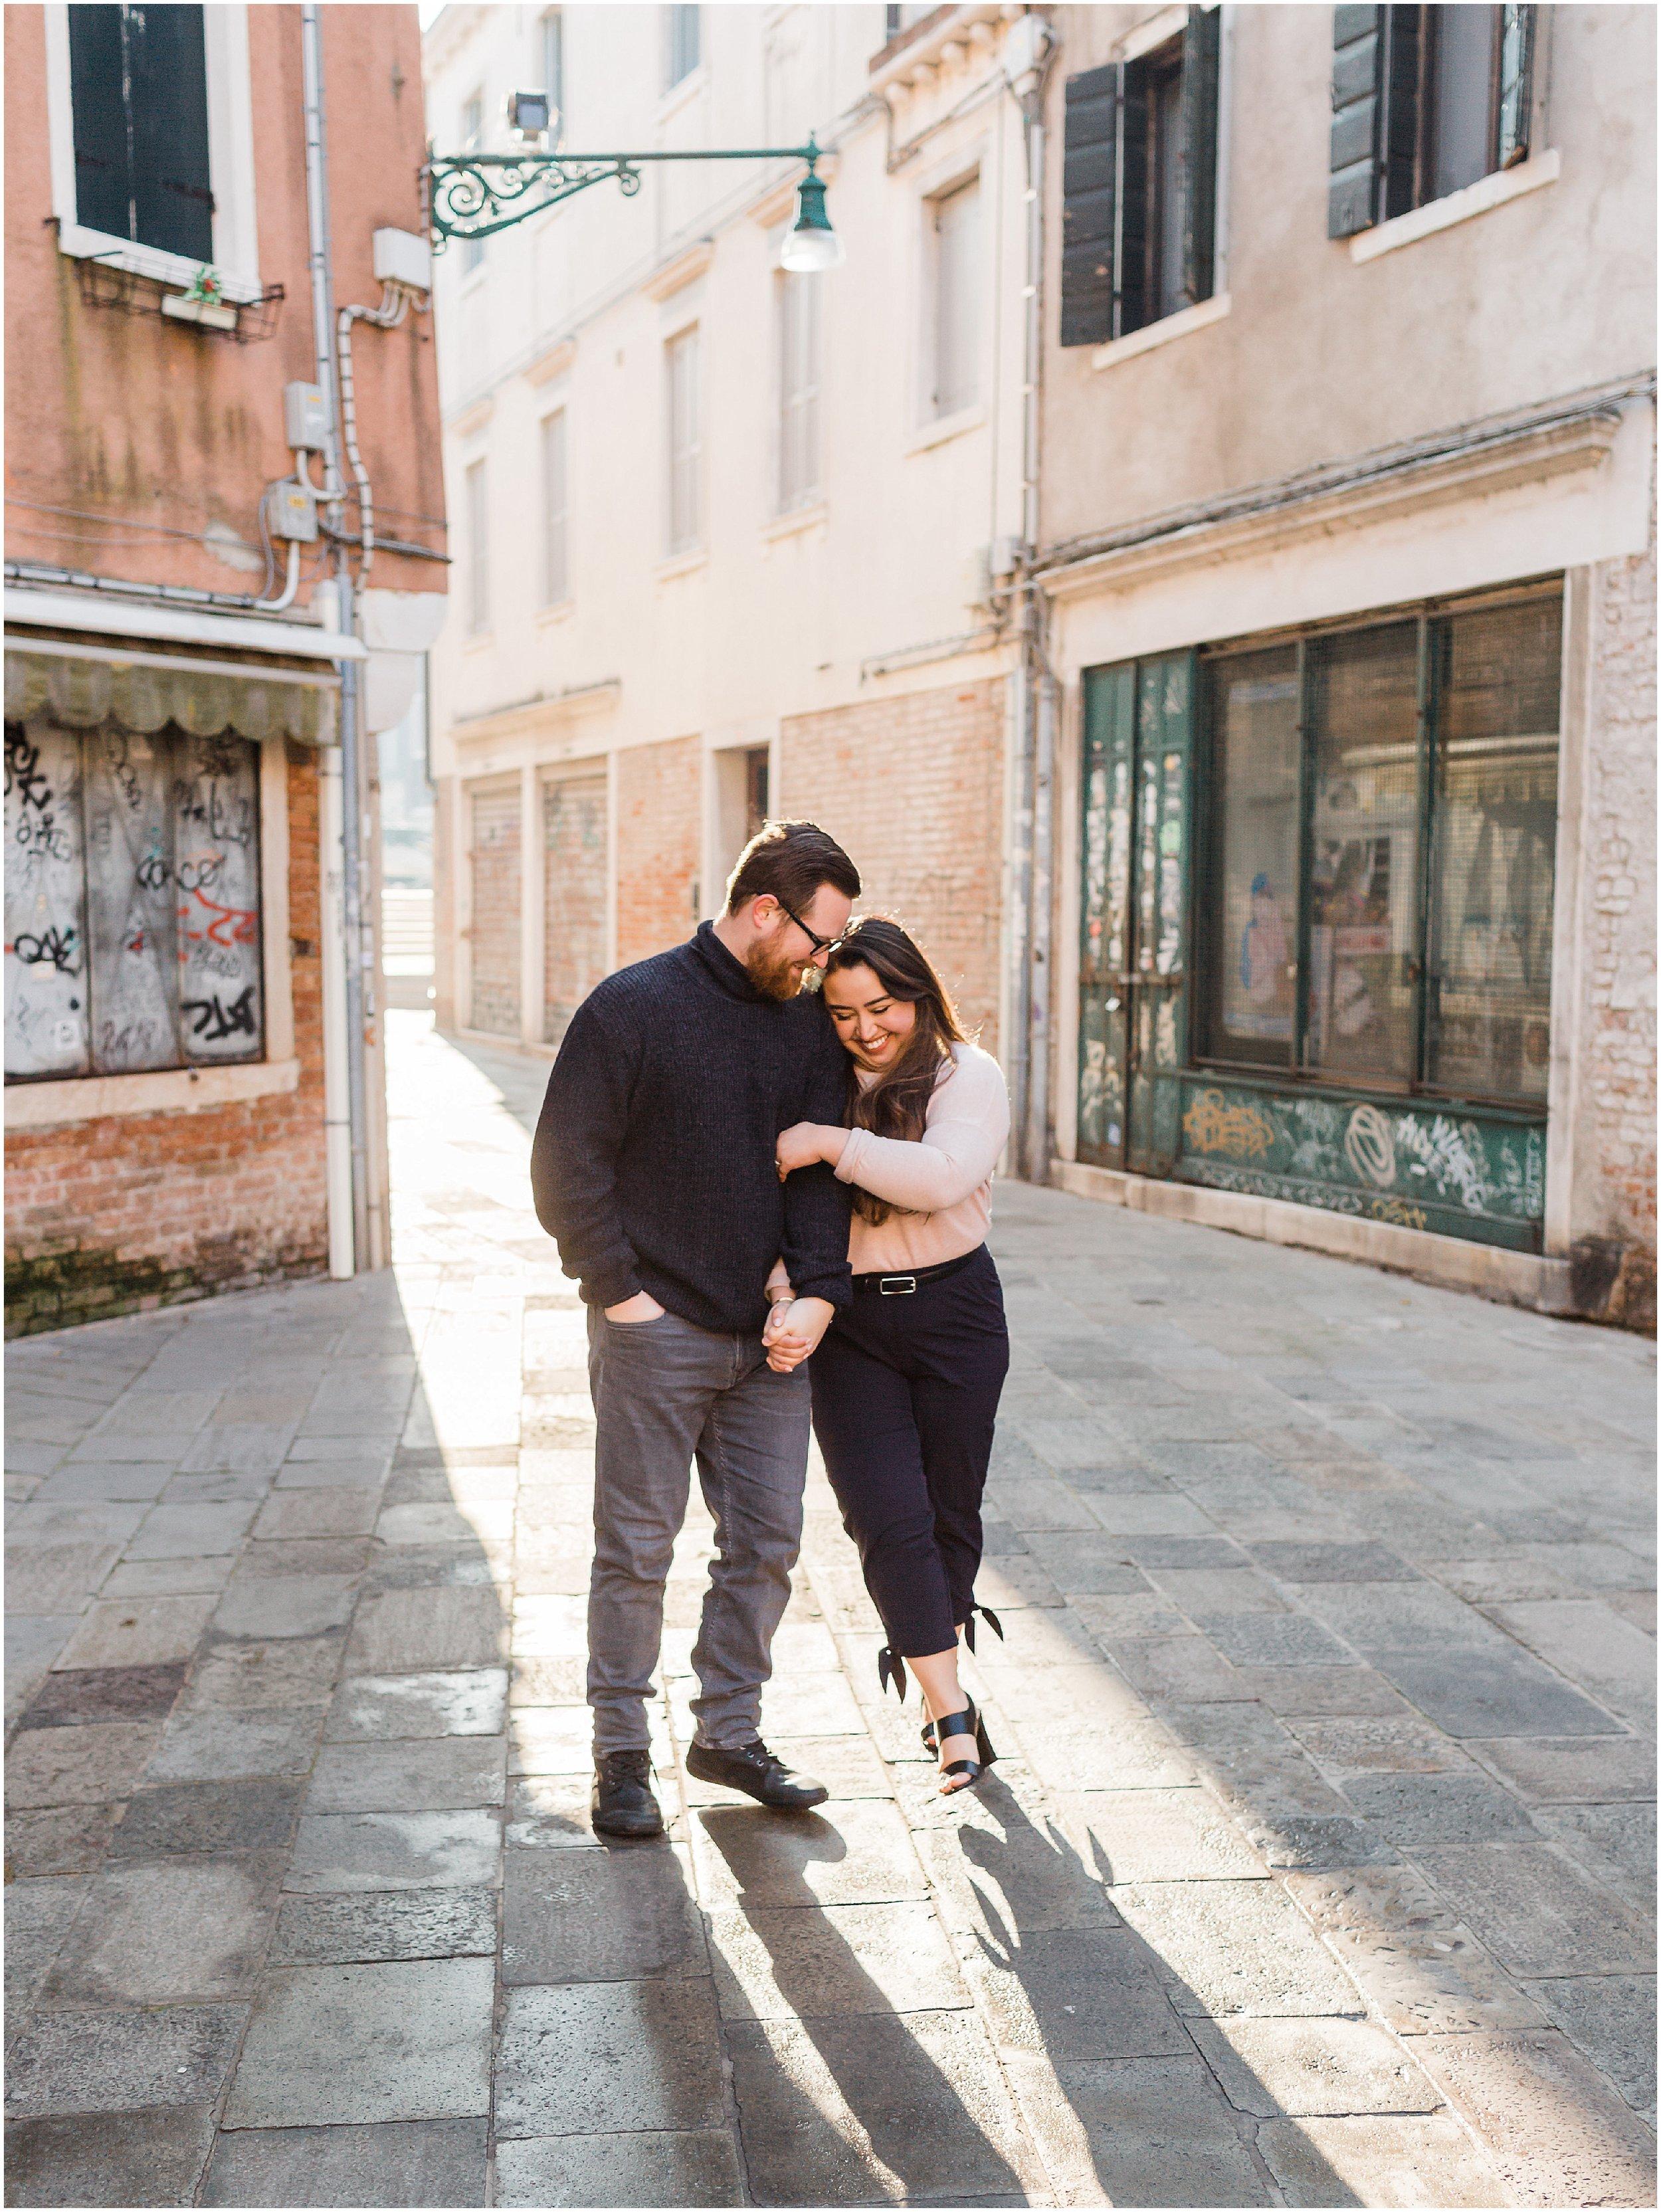 Venice-italy-wedding-photographer-stefano-degirmenci_0046.jpg